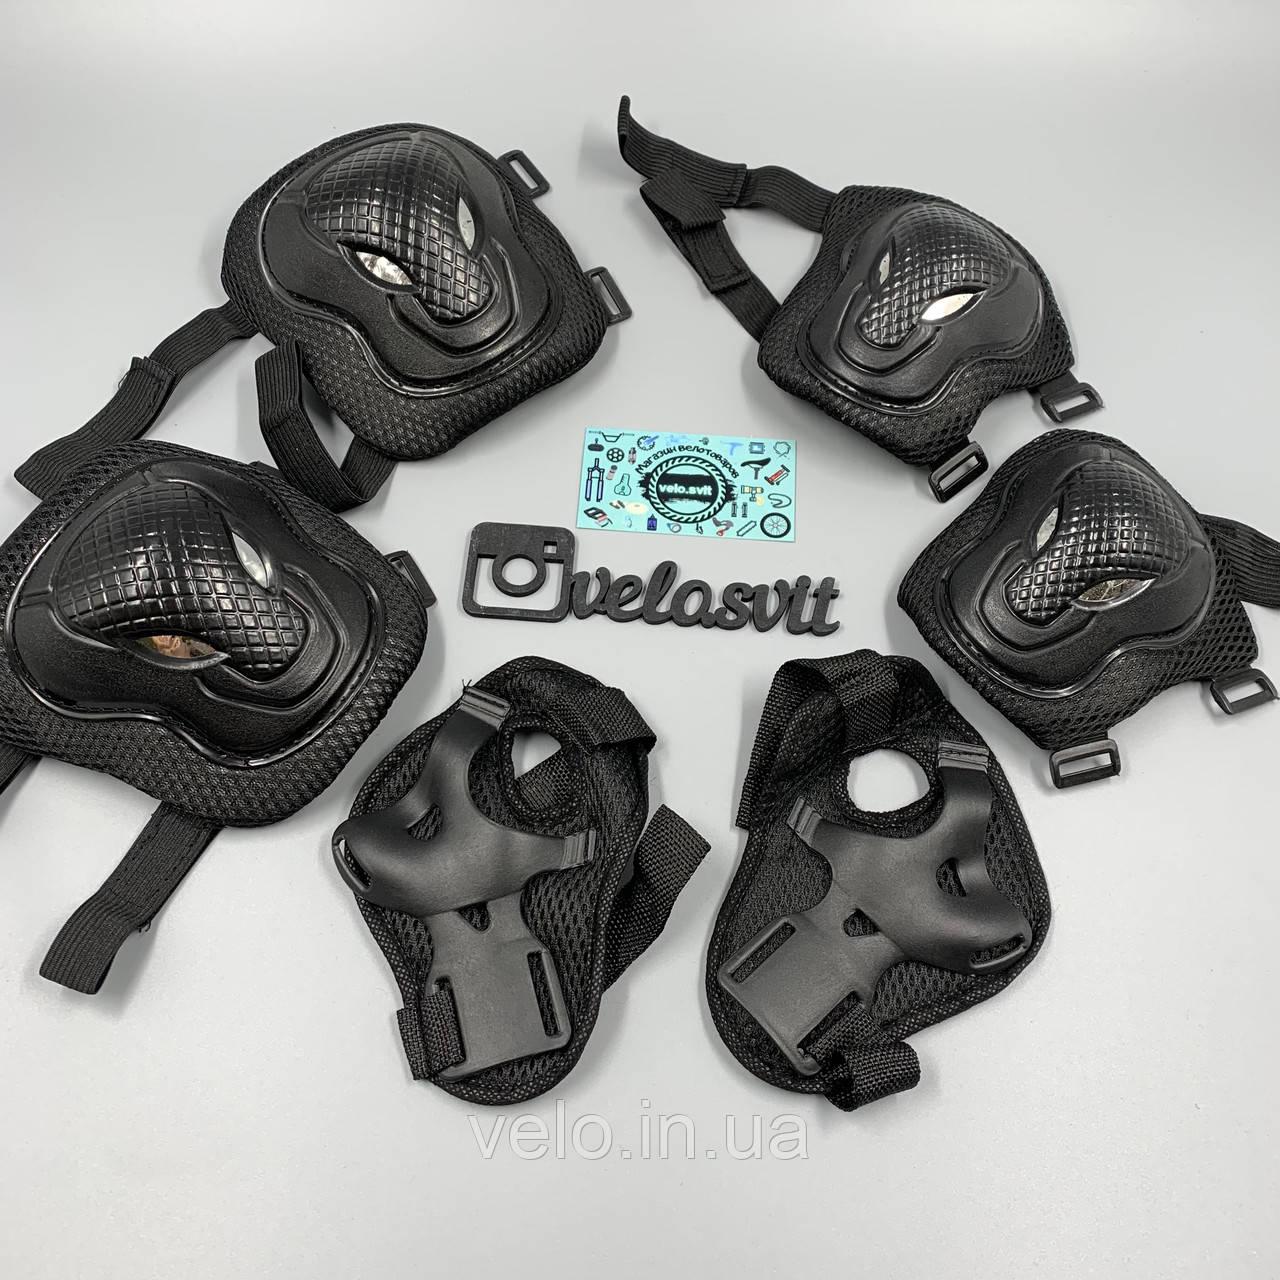 Комплект захисту для дорослих, налокітники, наколінники, рукавички